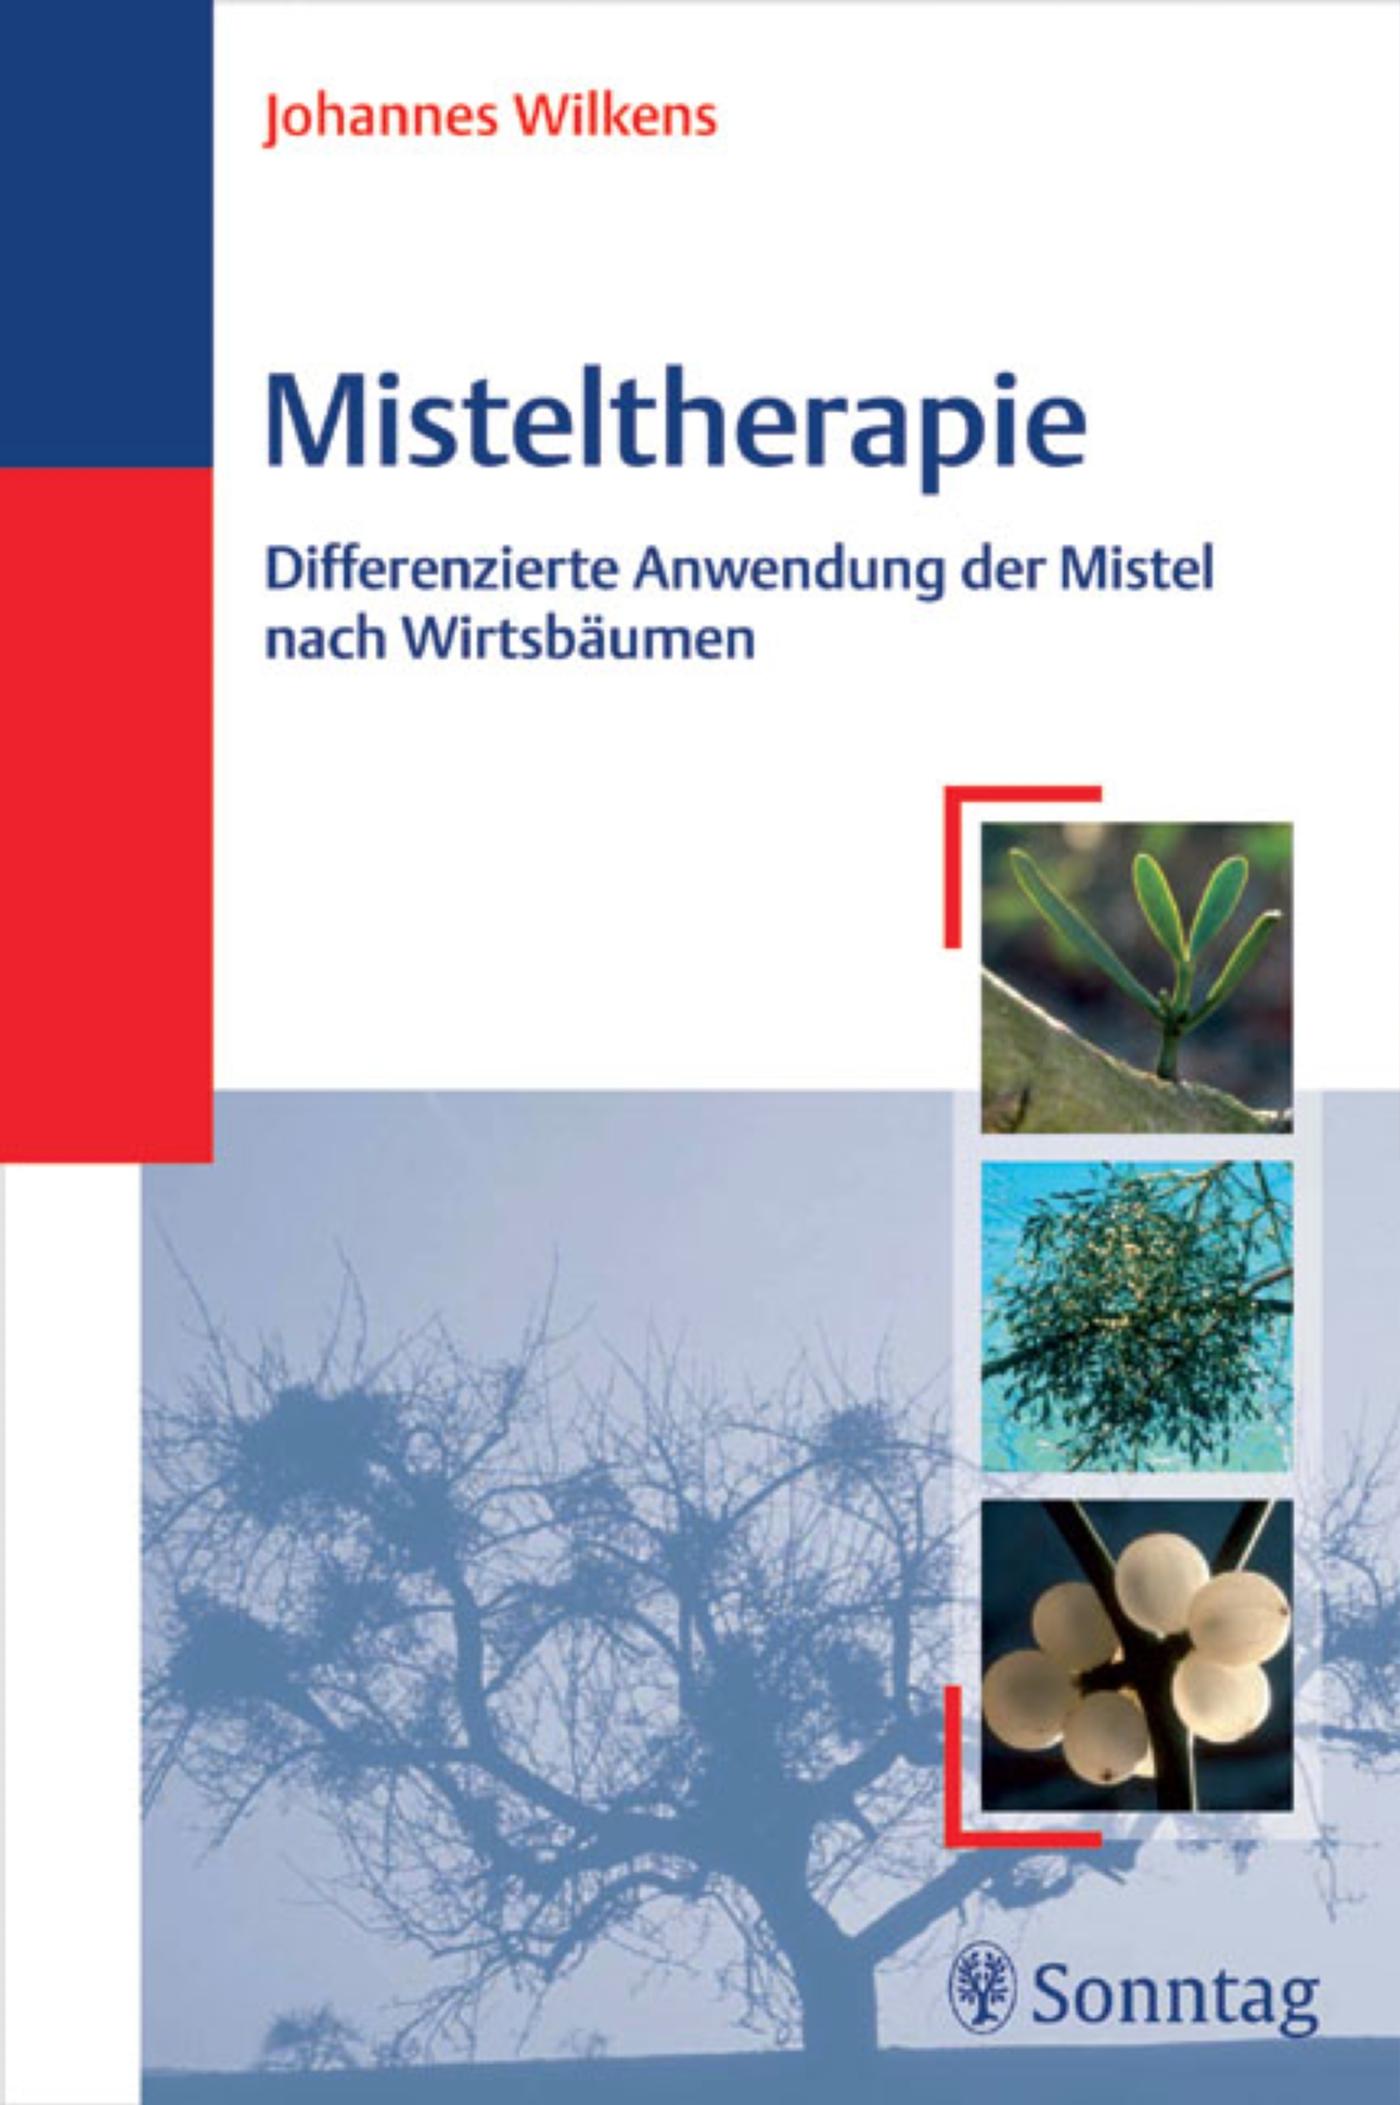 Misteltherapie